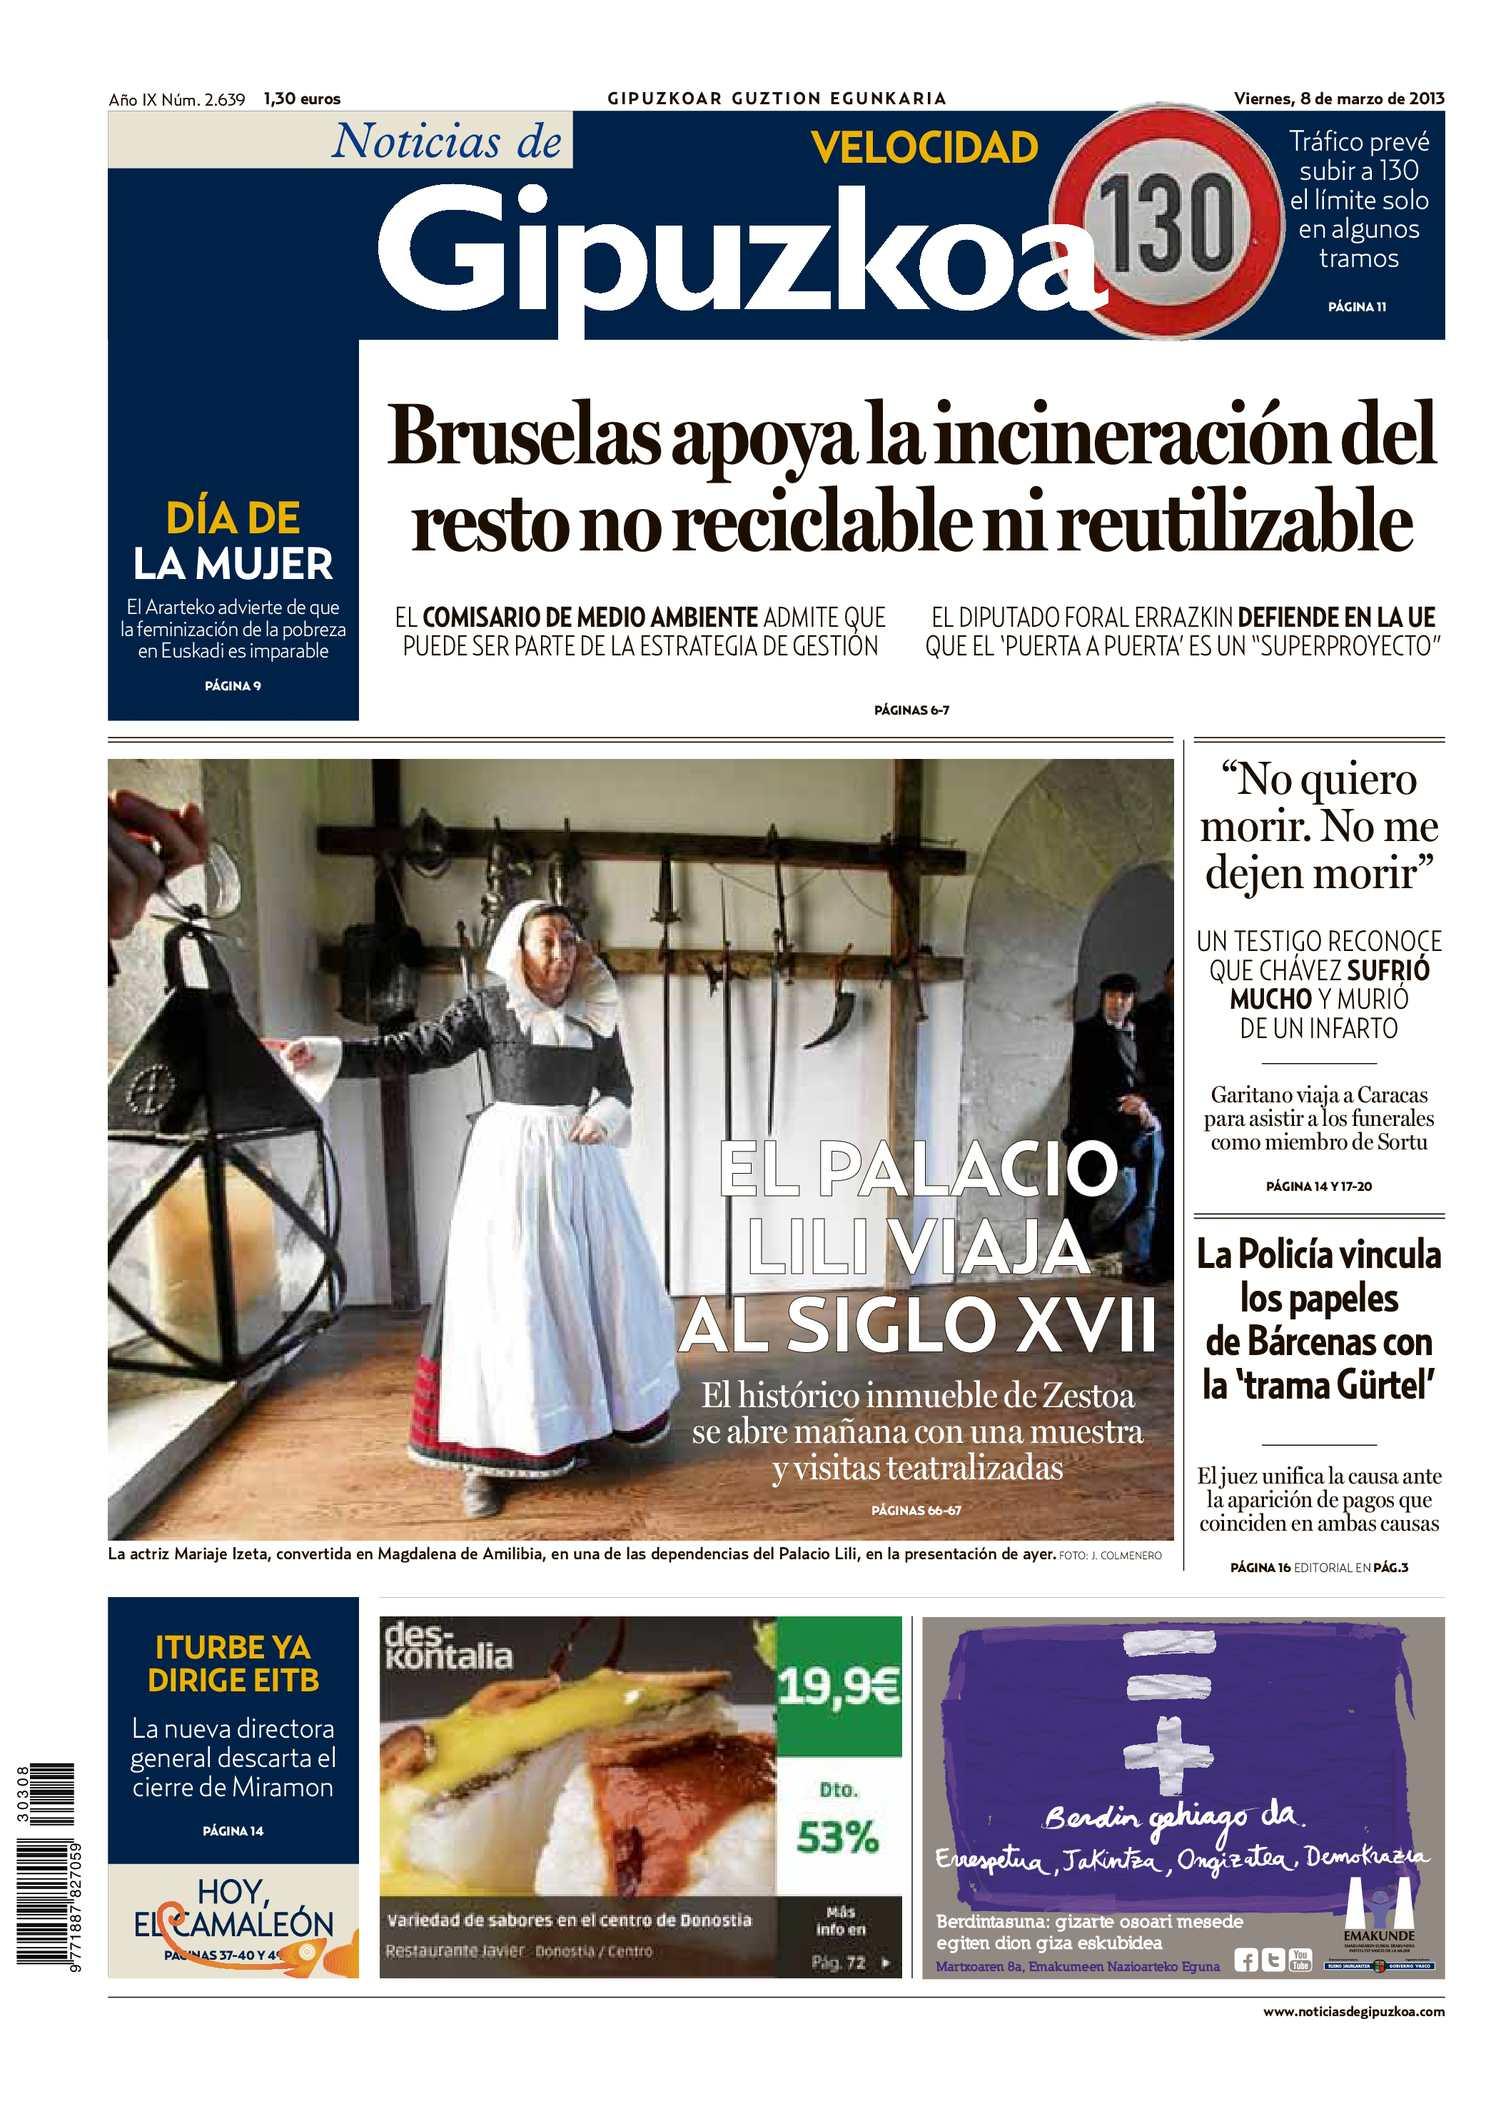 a65fa3ea8d Calaméo - Noticias de Gipuzkoa 20130308